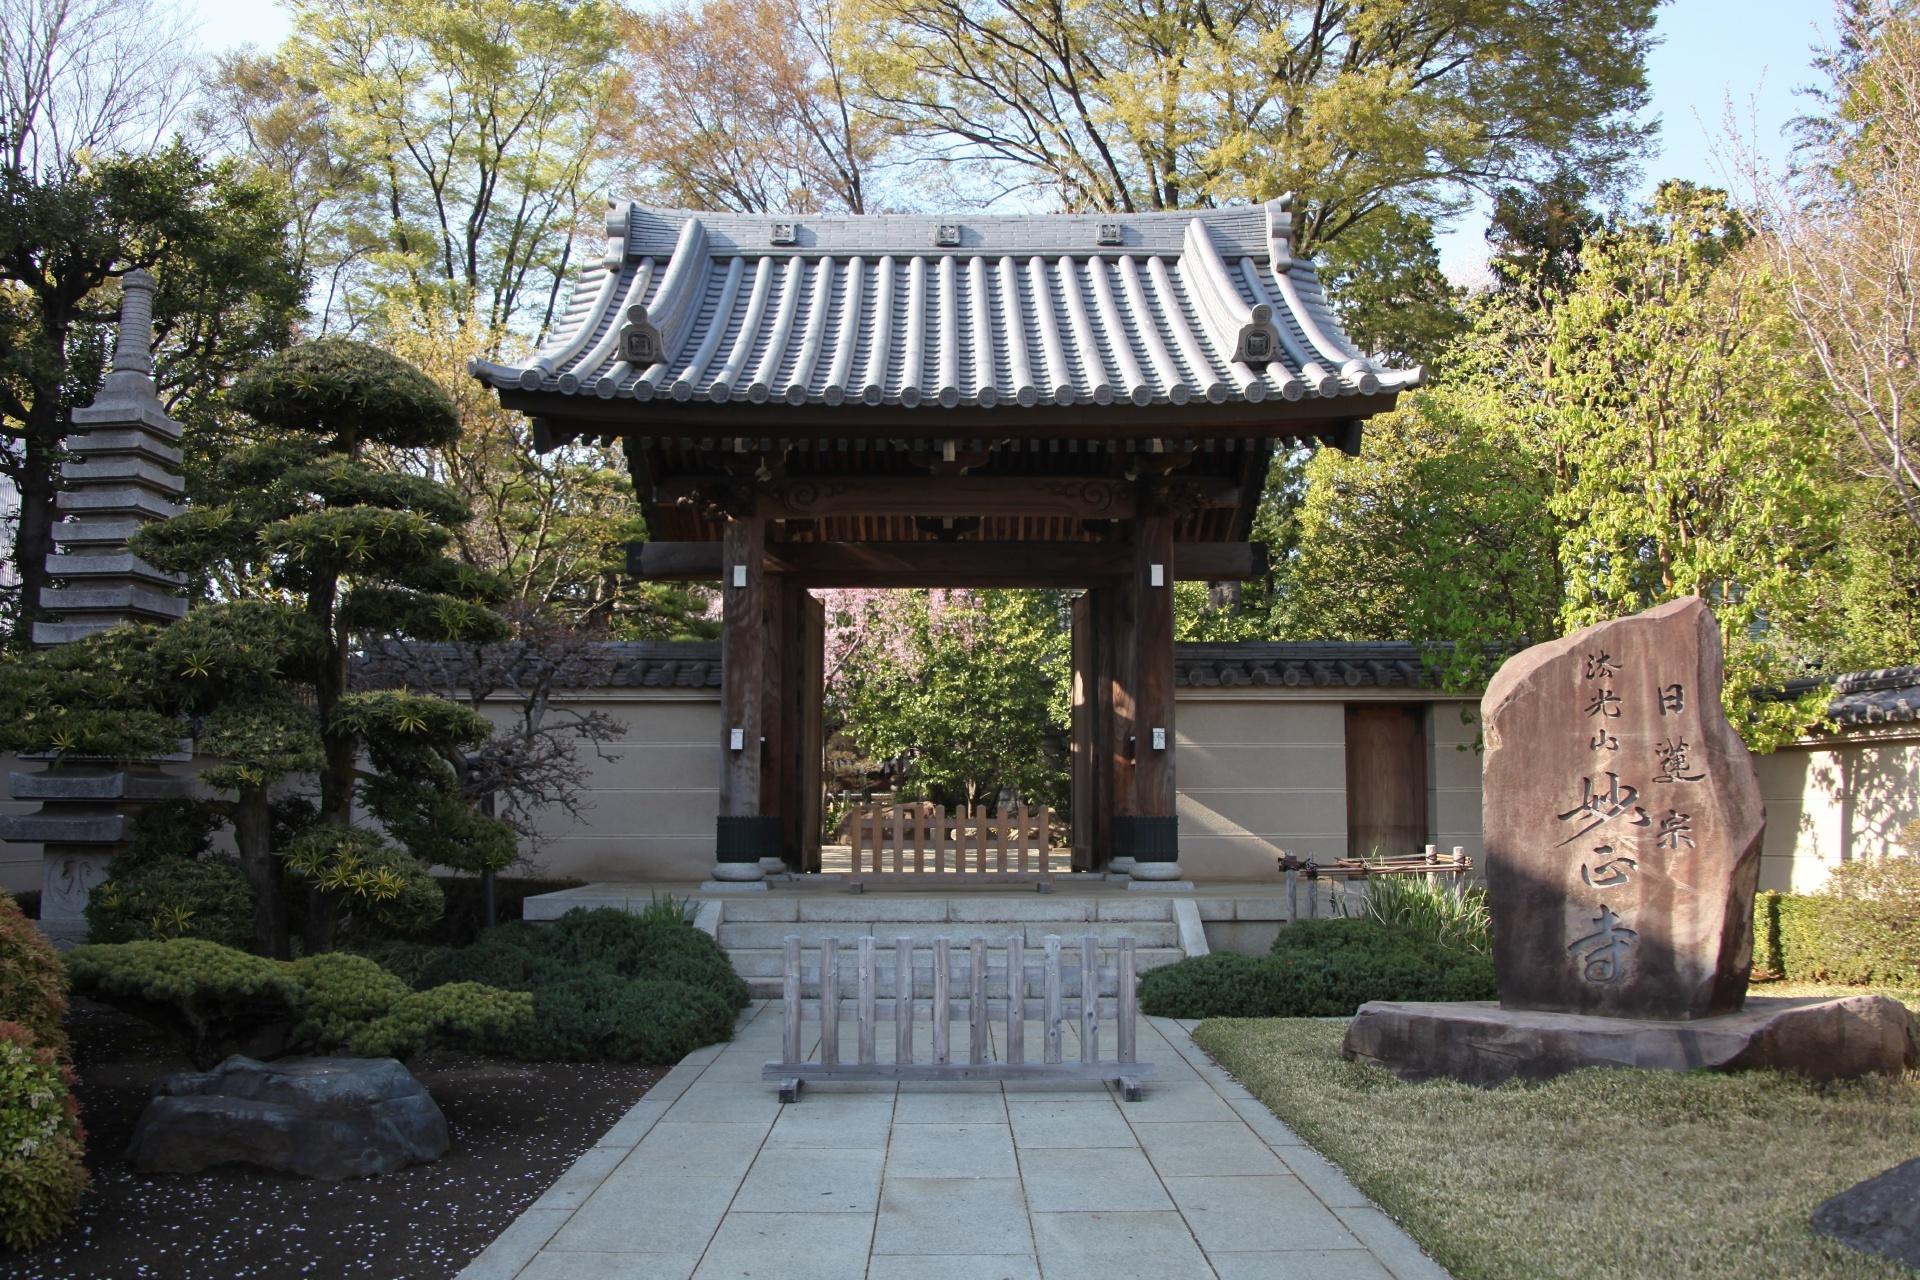 妙正寺 文和元年(1352年)創建といわれる古刹